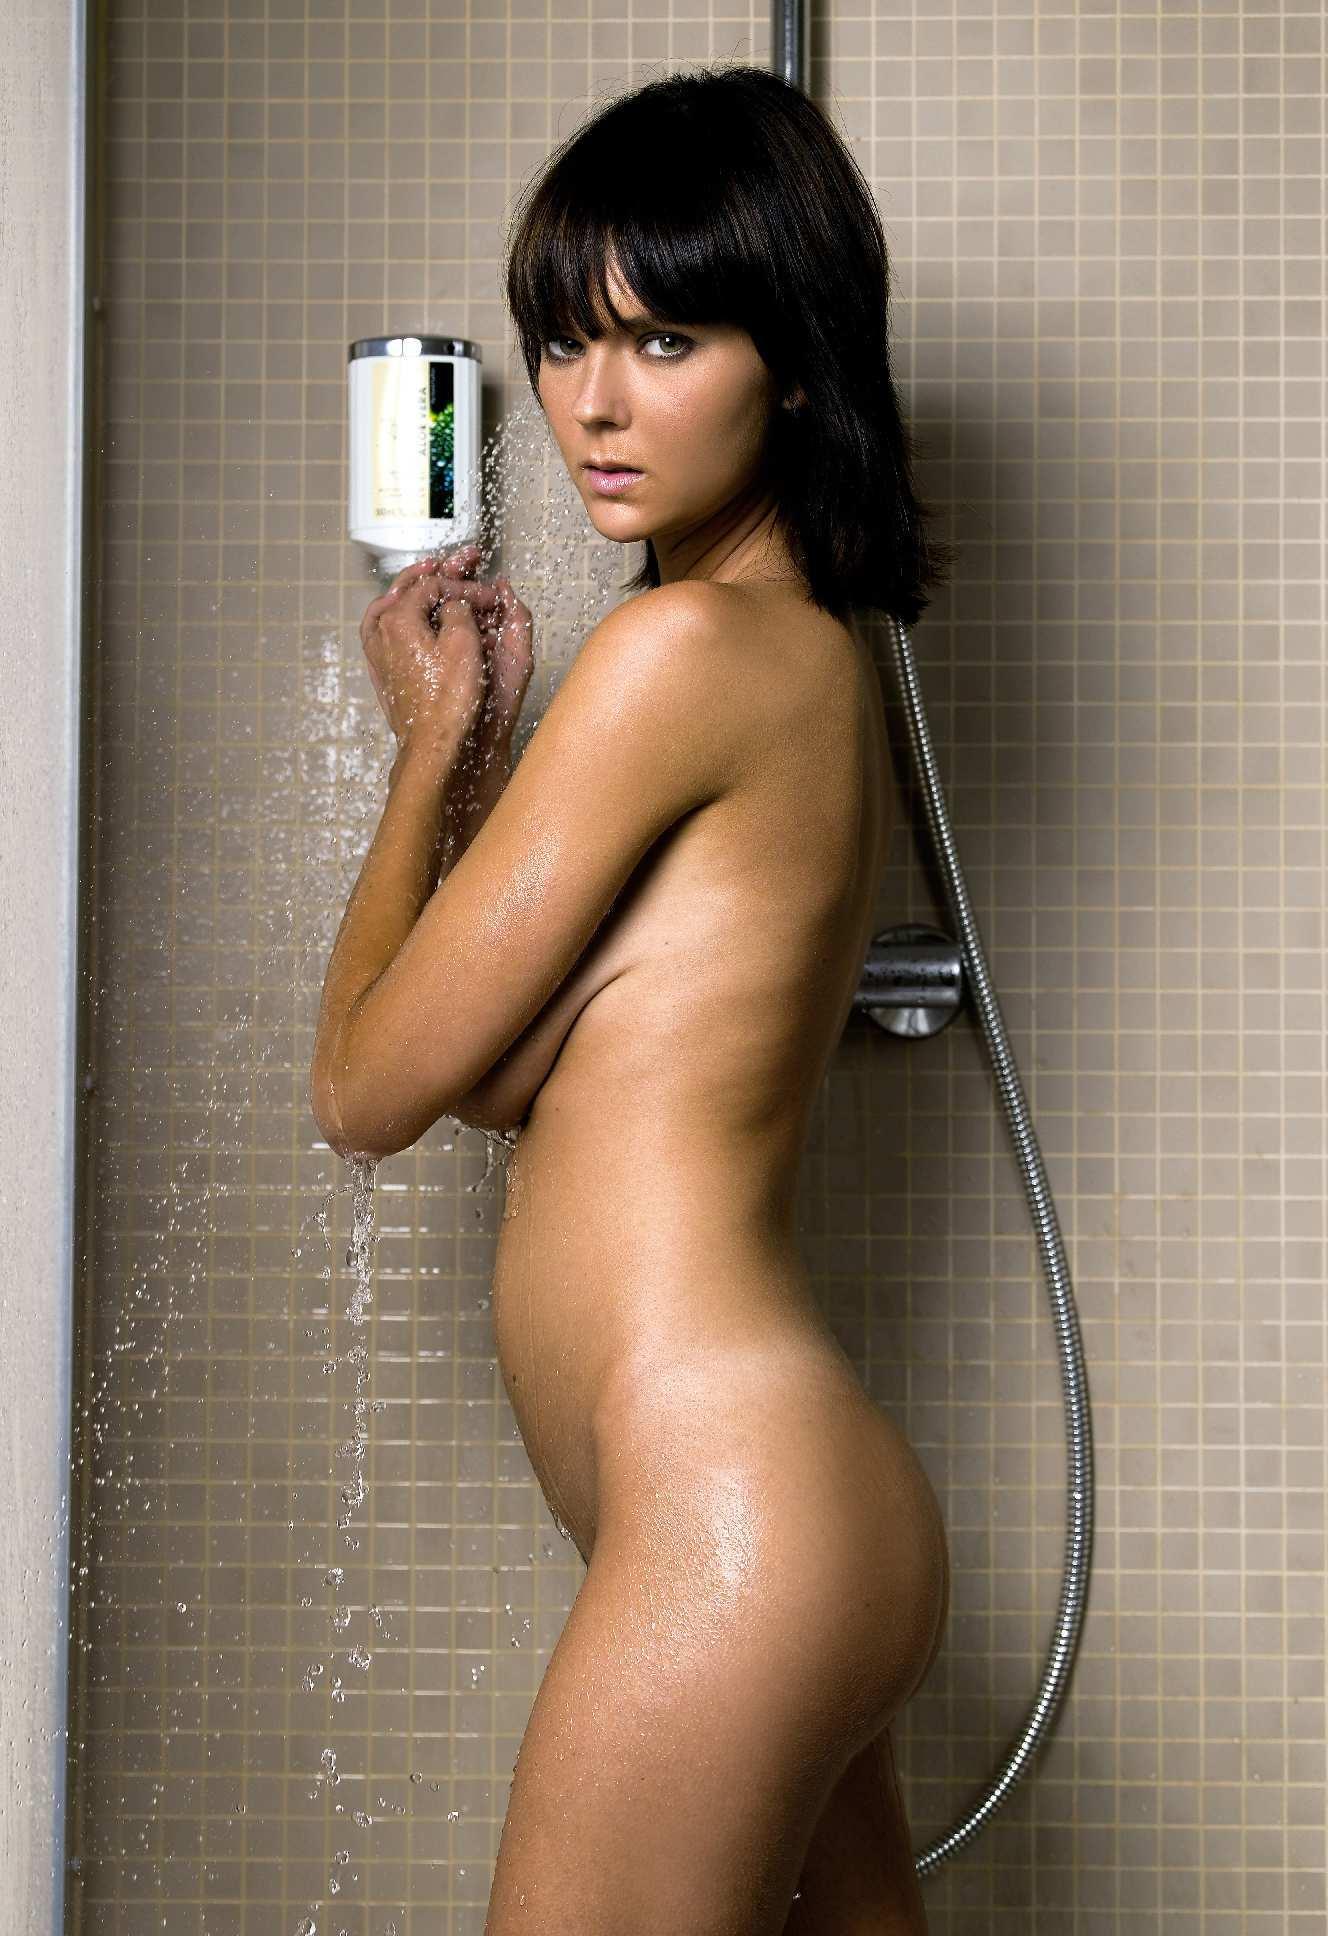 mulher-com-peitos-grandes-tomando-banho-pelada-1